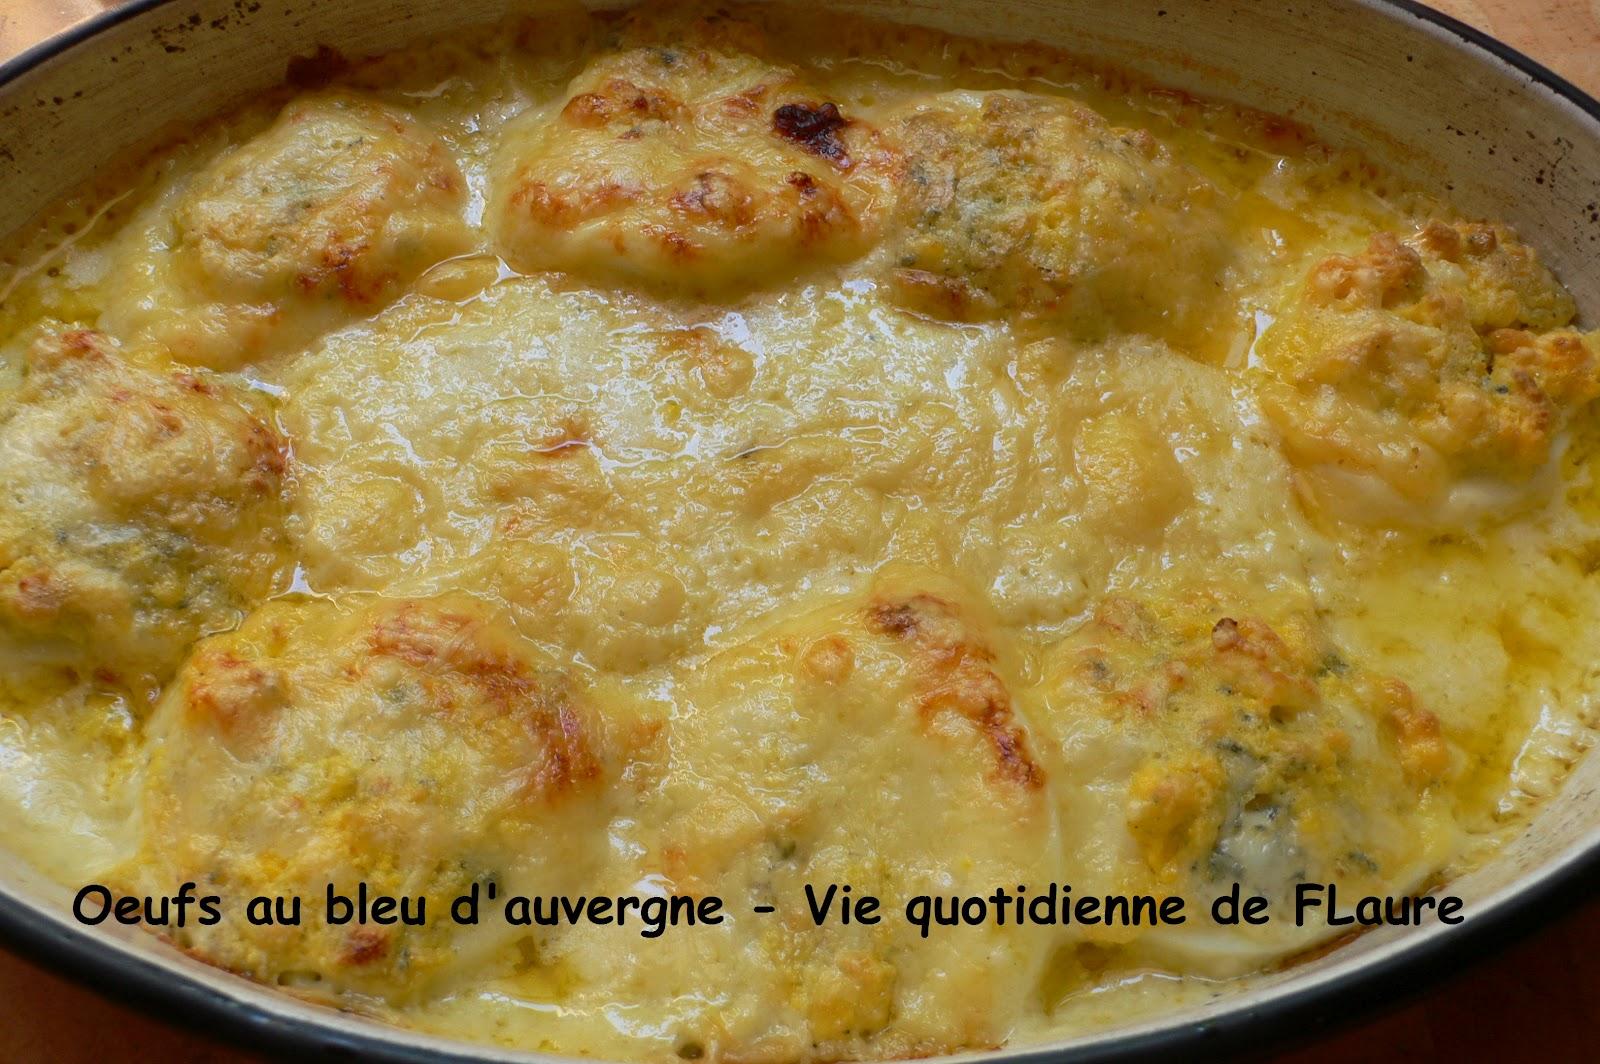 Oeufs au bleu d 39 auvergne un tour en cuisine les oeufs for Auvergne cuisine